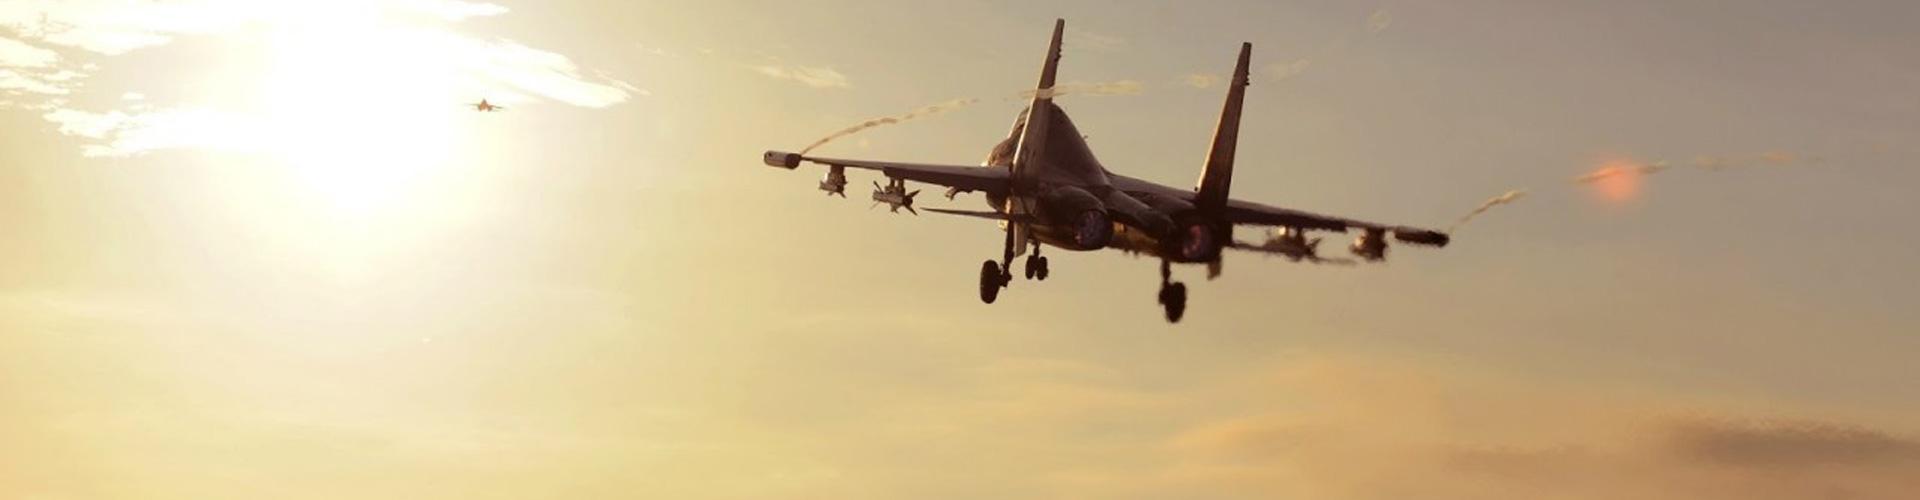 flight-1